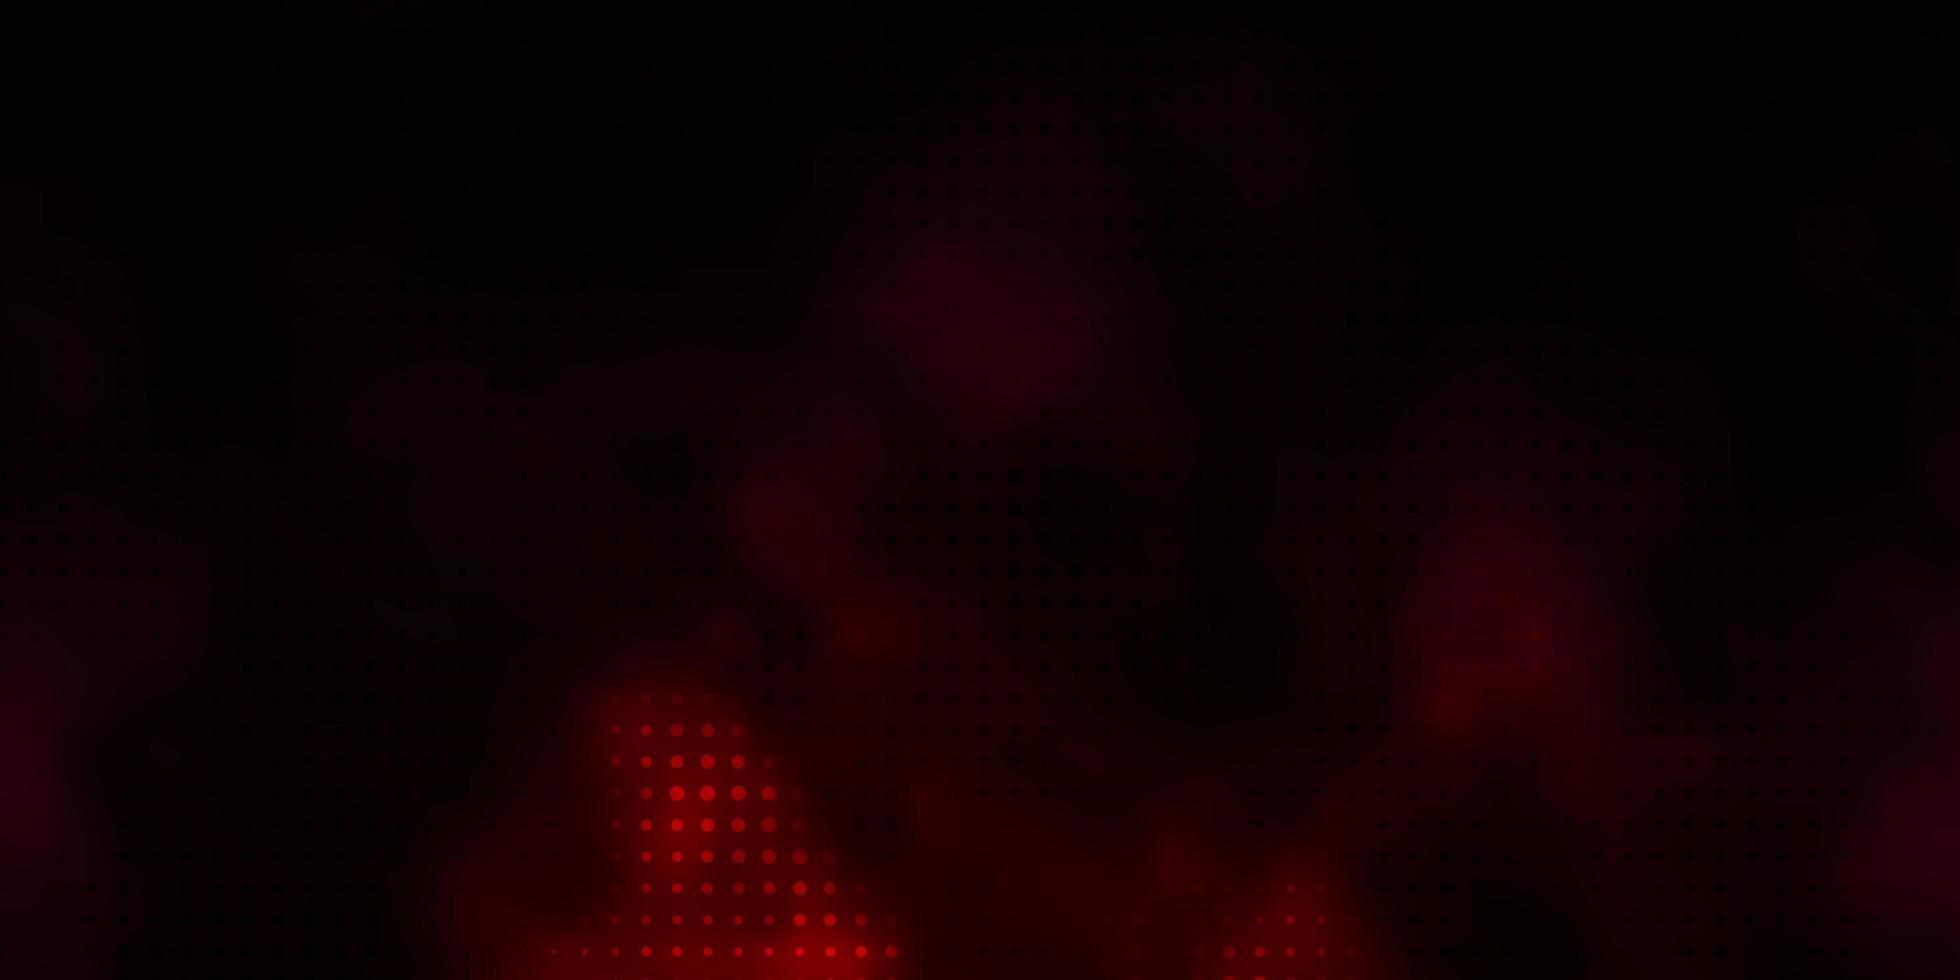 modello rosso con cerchi. vettore